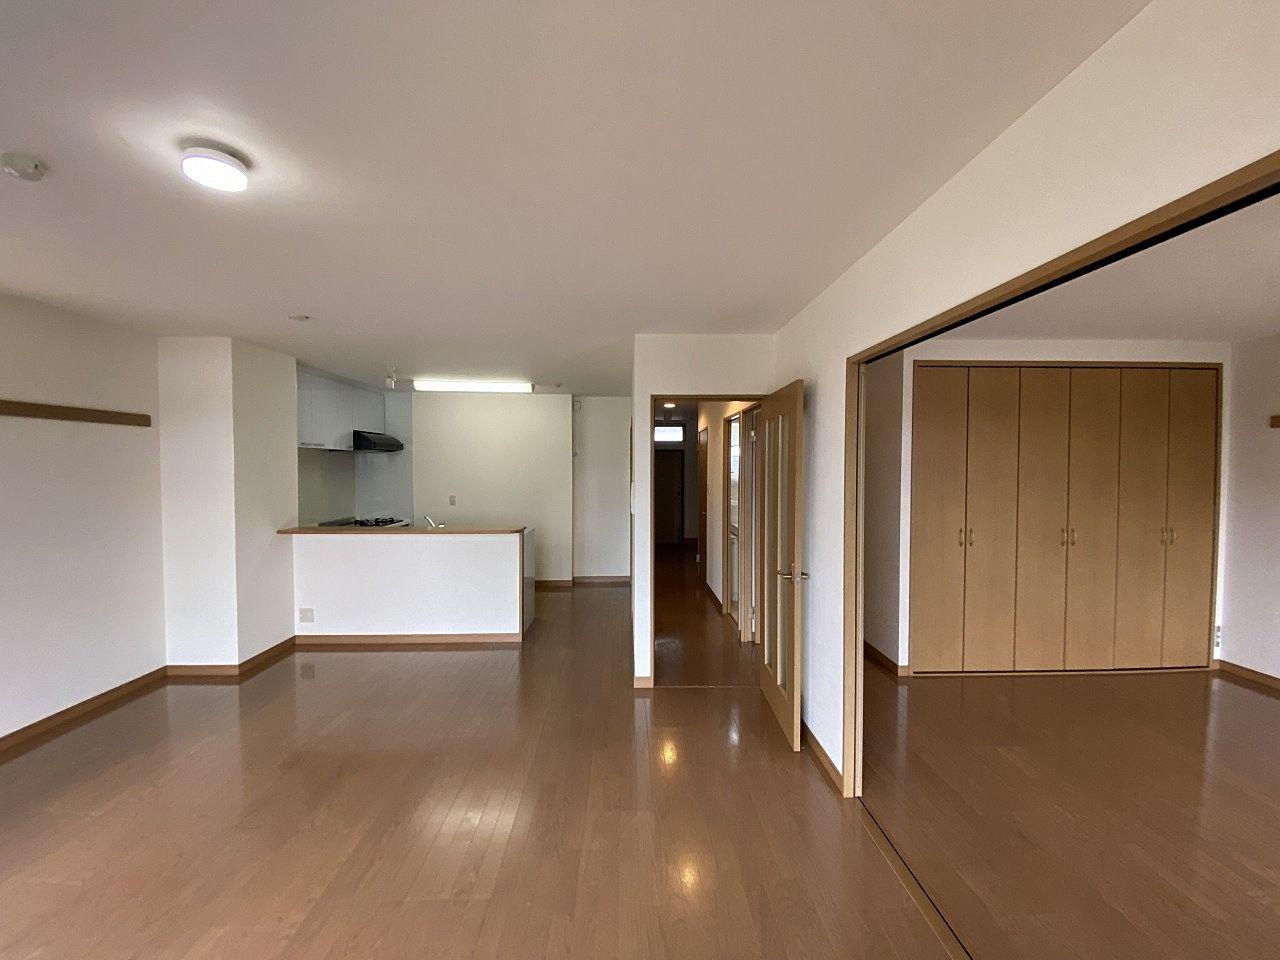 分譲並みの賃貸マンション!外断熱工法!管理が、とても行き届いたマンションです。巨大な床下収納で階下に音が響きにくい作りです!外断熱工法!管理良好!フェアライフあざみ野・物件概要・所在地:横浜市青葉…